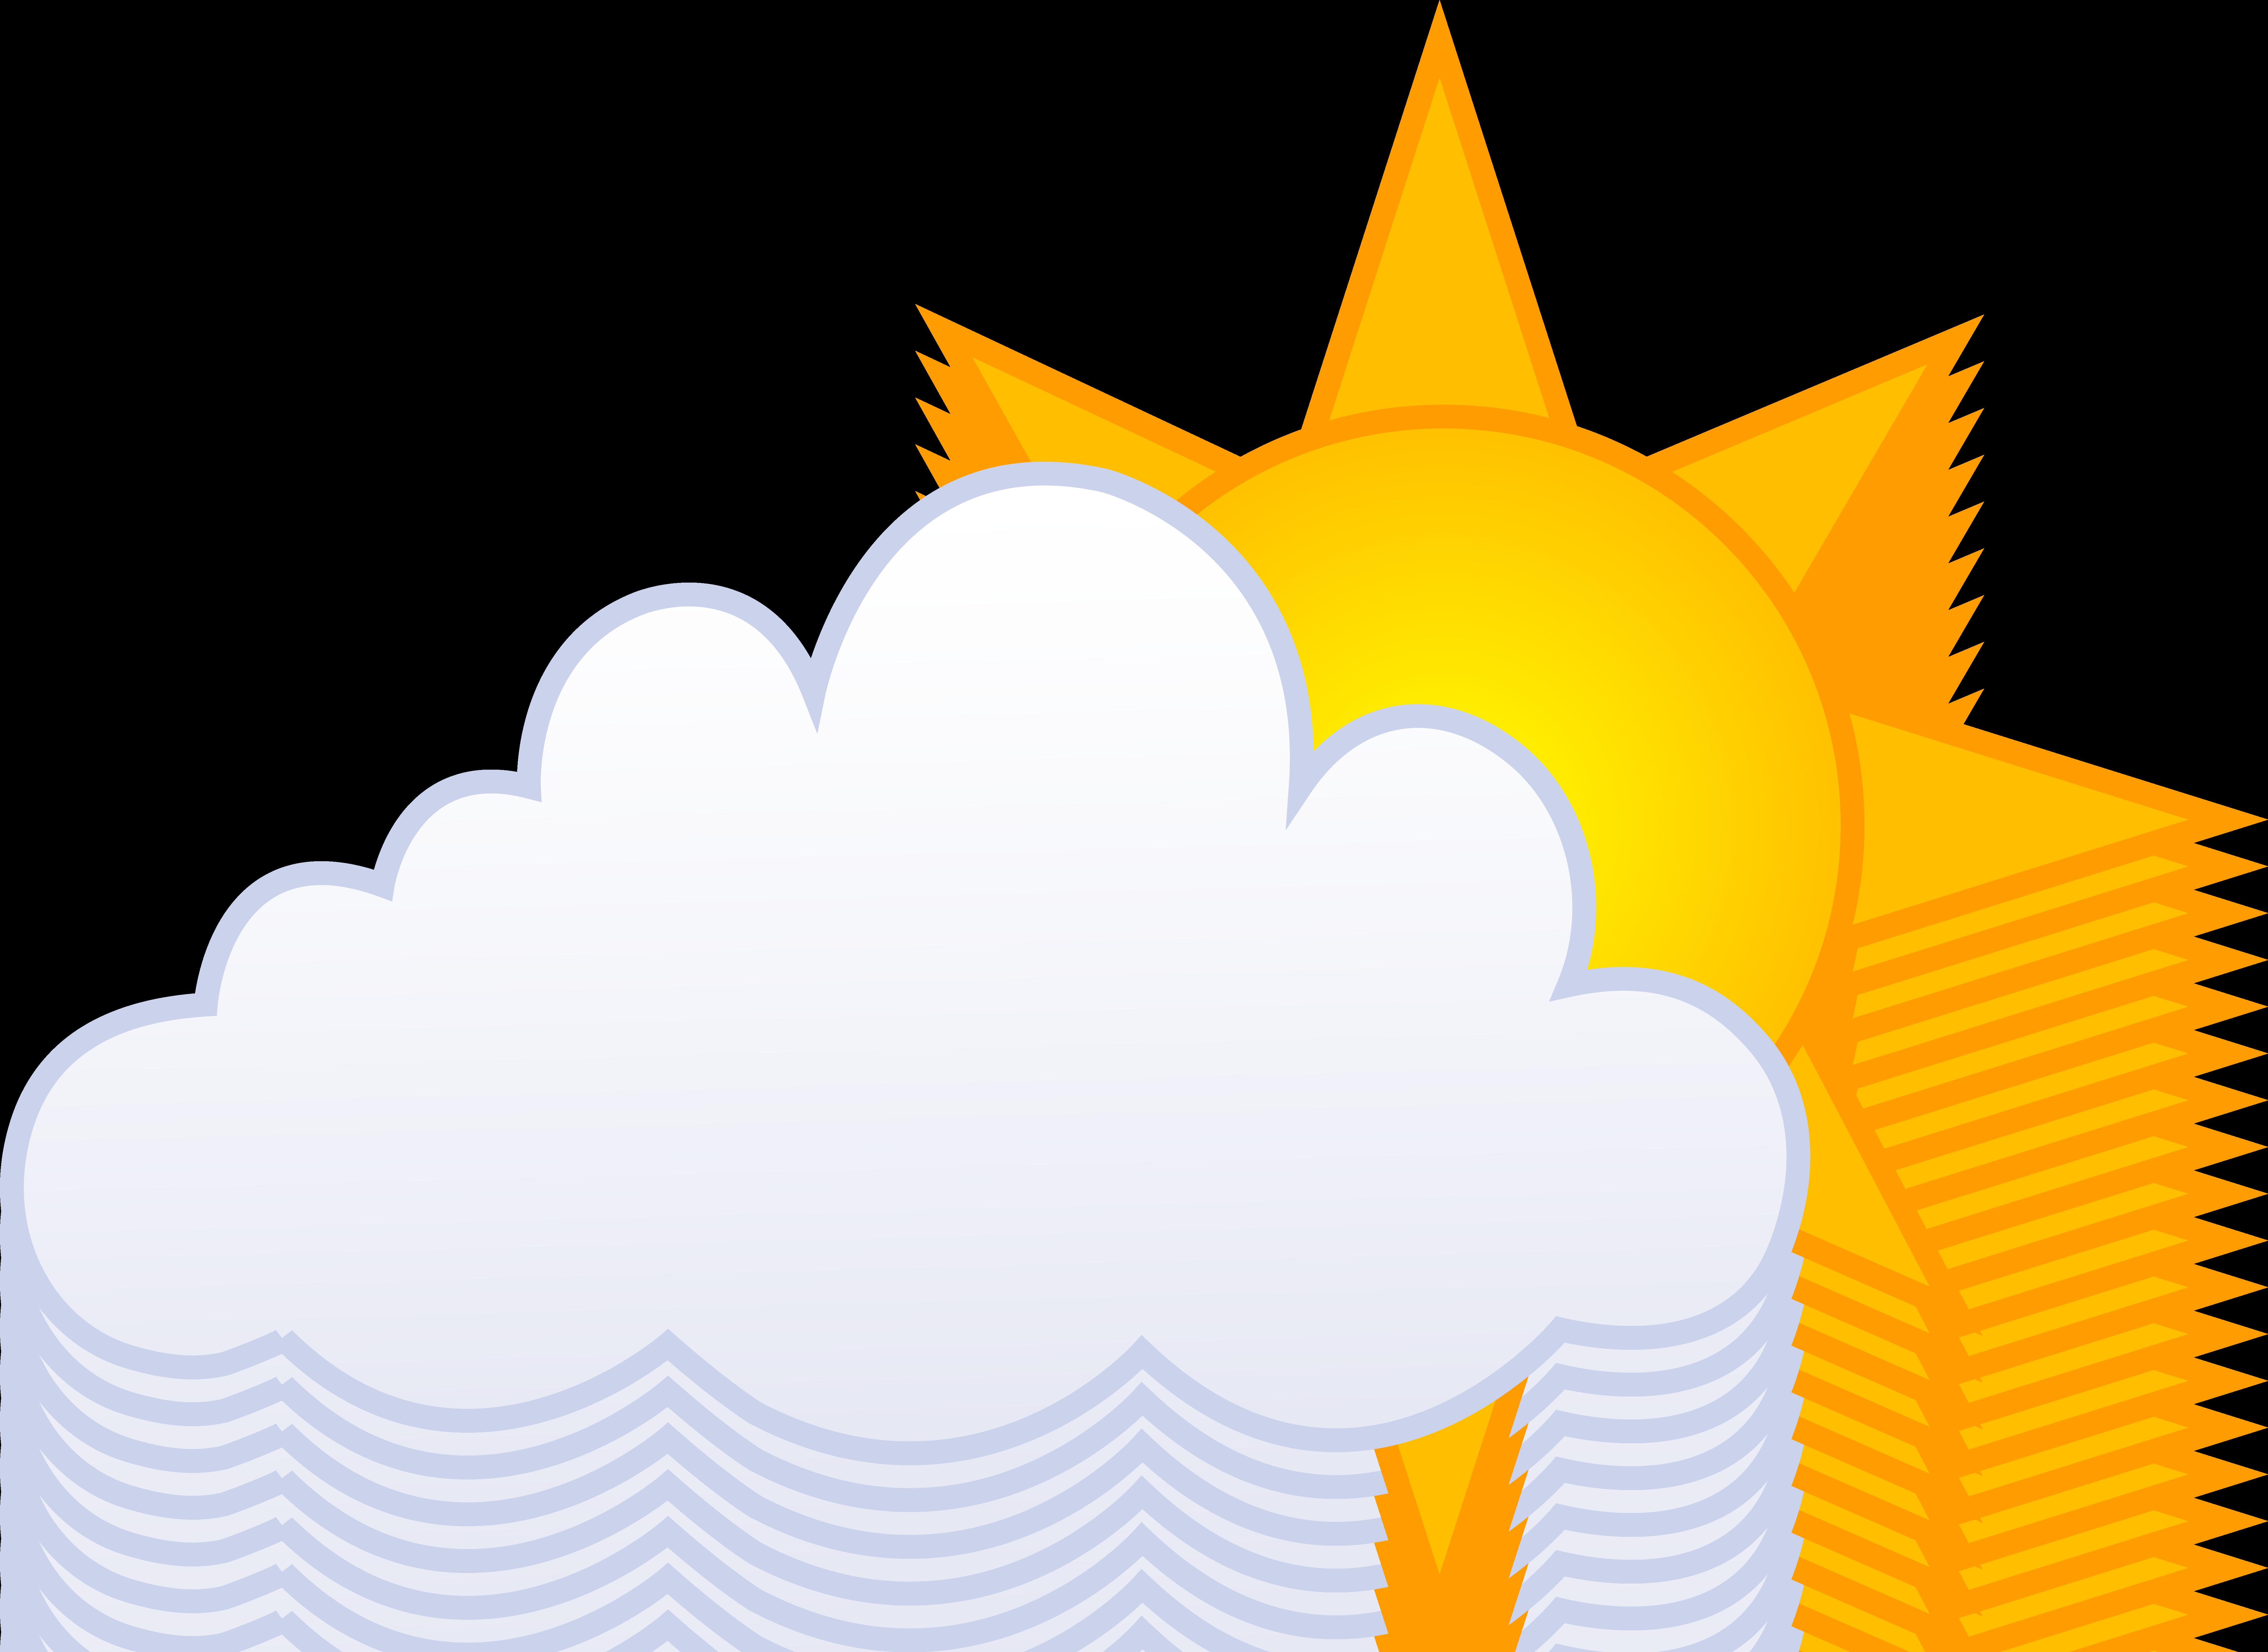 7951x5793 Golden Sun Behind Cloud